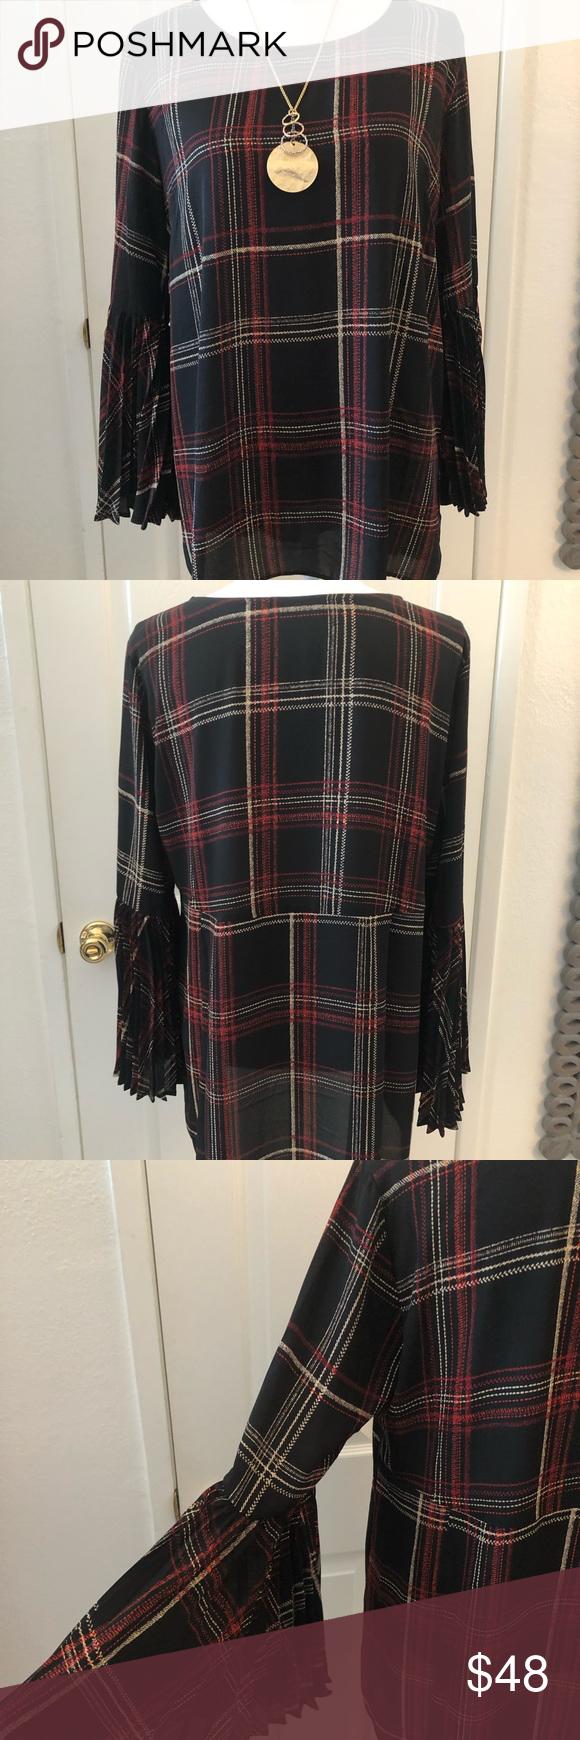 Susan Graver red & black plaid blouse Susan Graver red & black plaid blouse; ple…